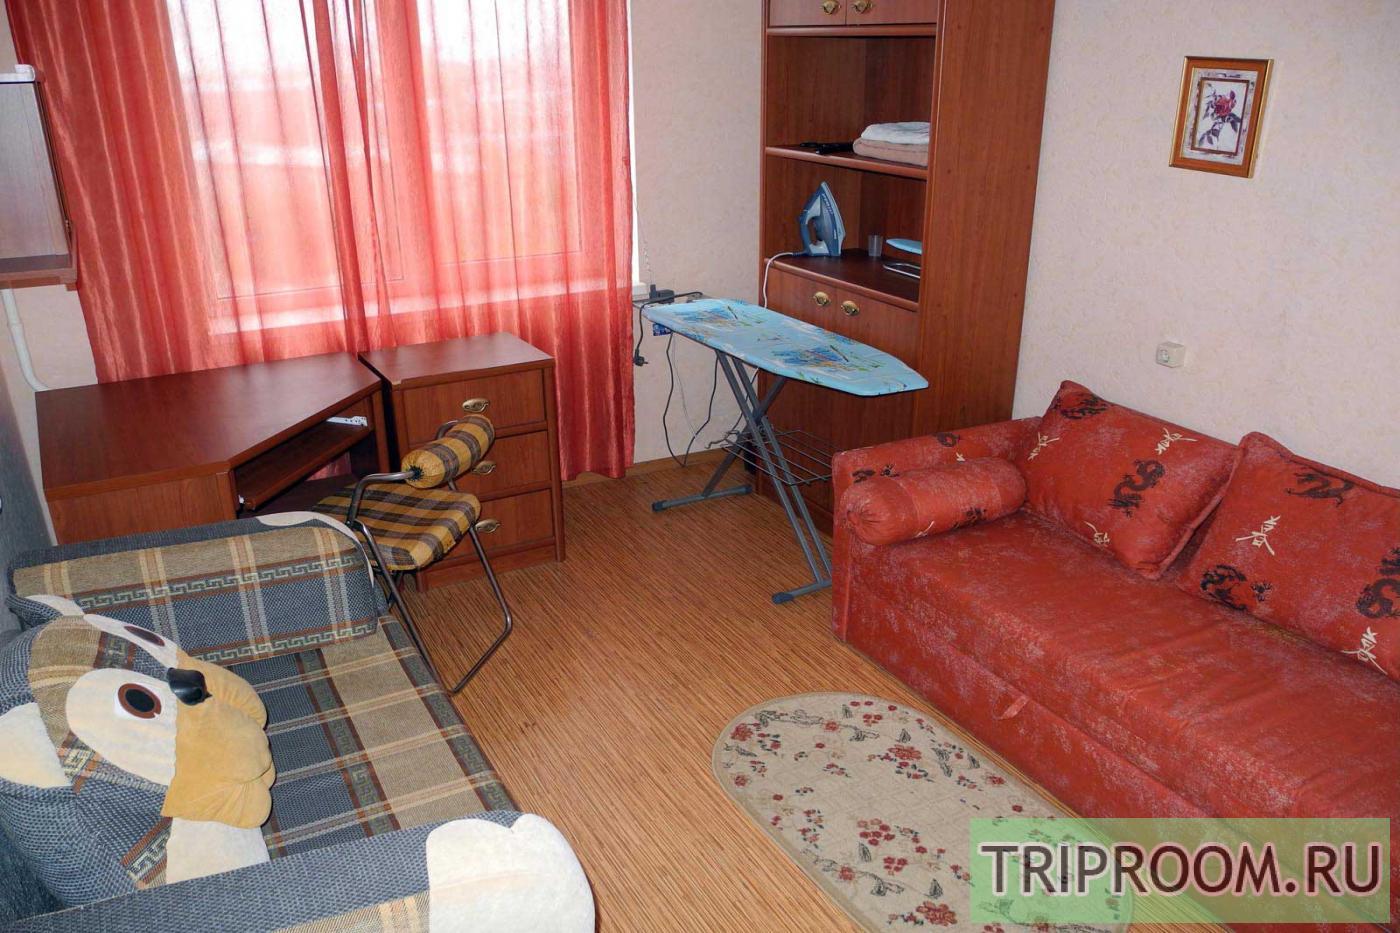 3-комнатная квартира посуточно (вариант № 9669), ул. Кольцовская улица, фото № 8